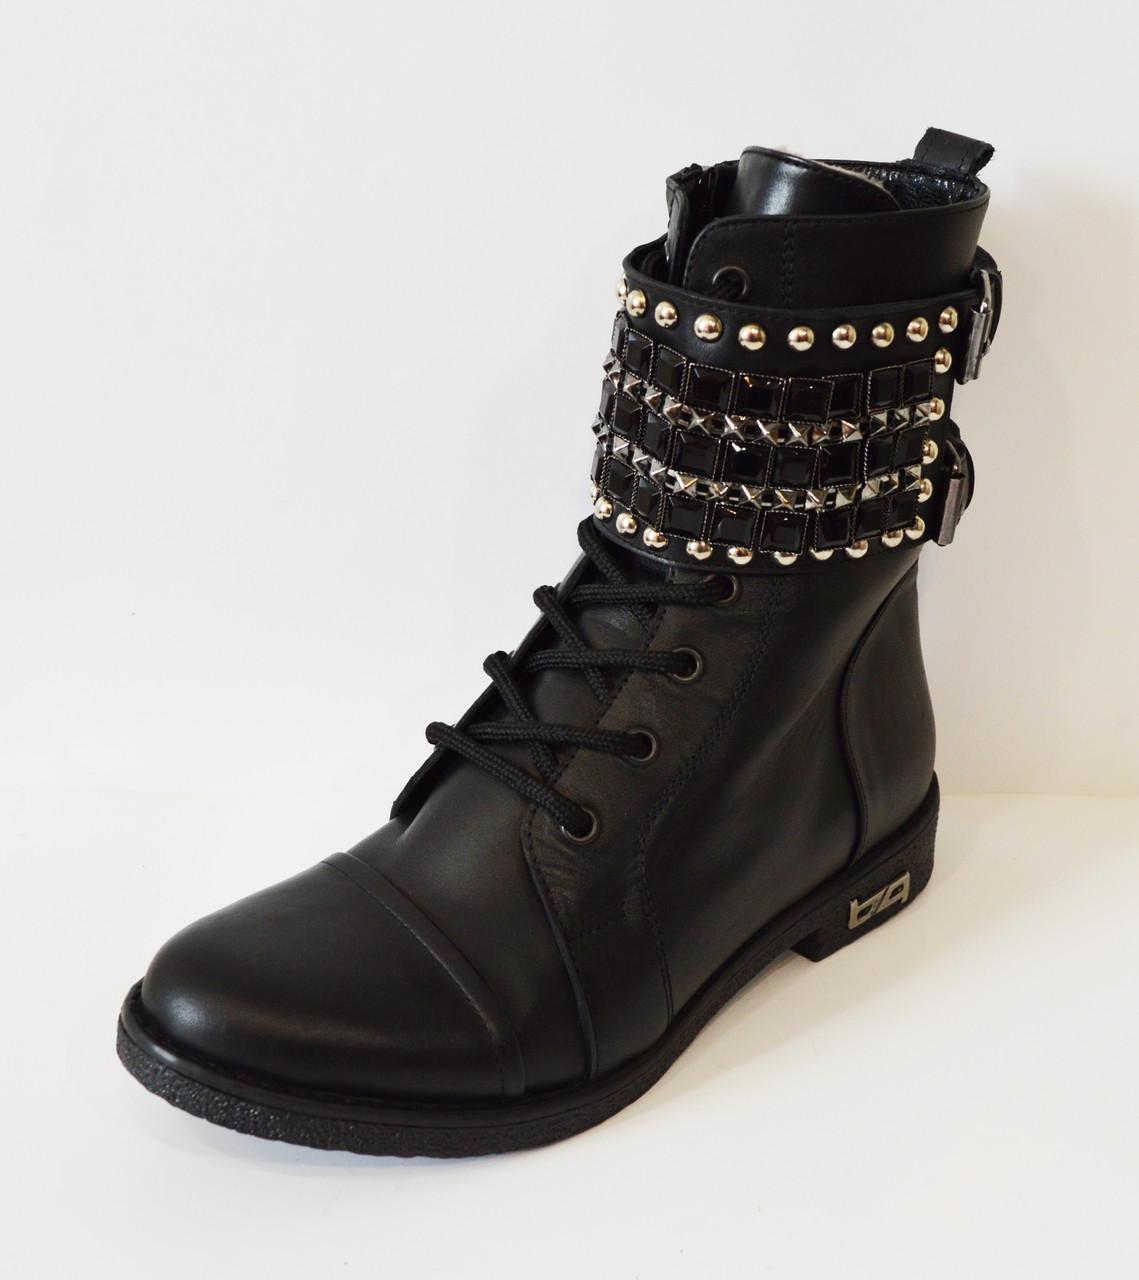 Кожаные зимние ботинки Aquamarine 933-12